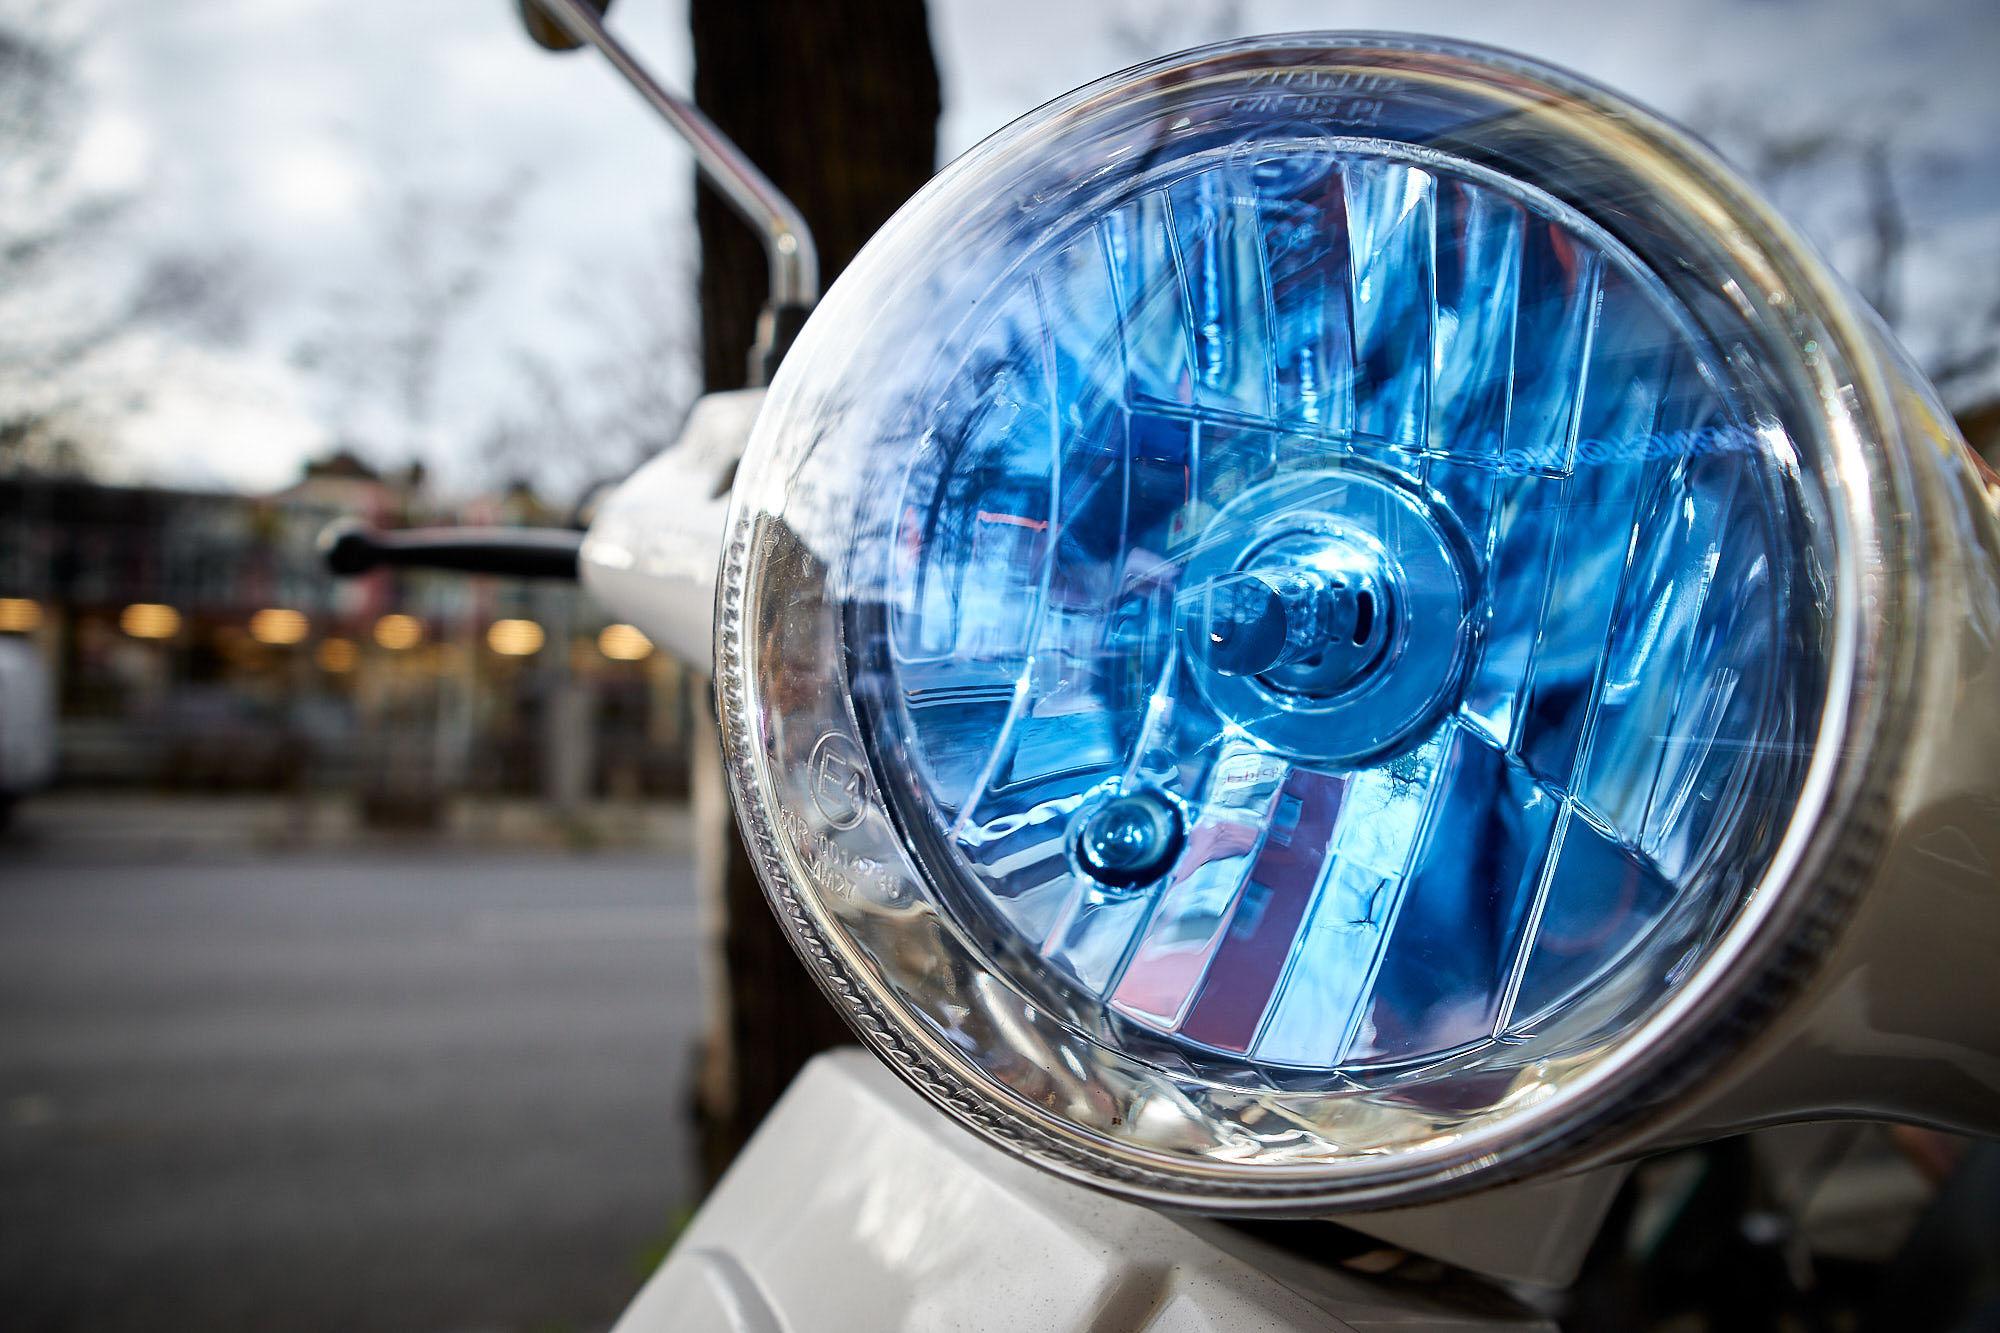 Photoauge / blaues Licht